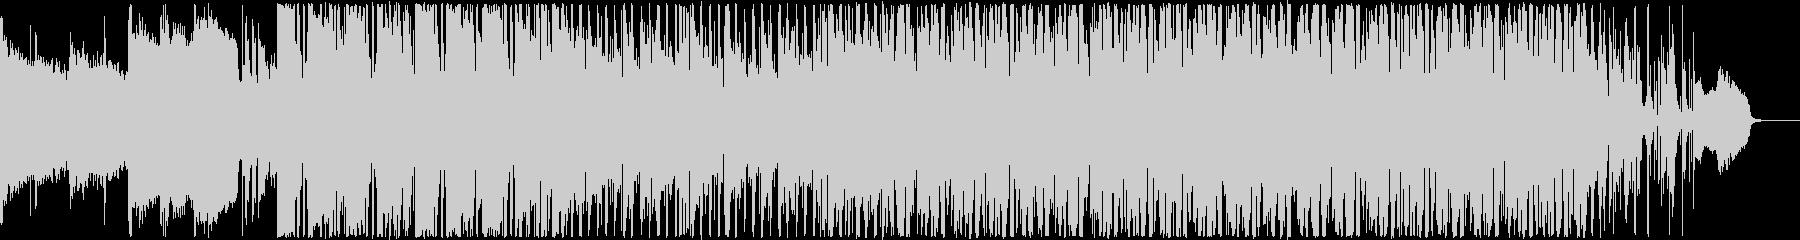 フュージョン調の軽快なBGMの未再生の波形